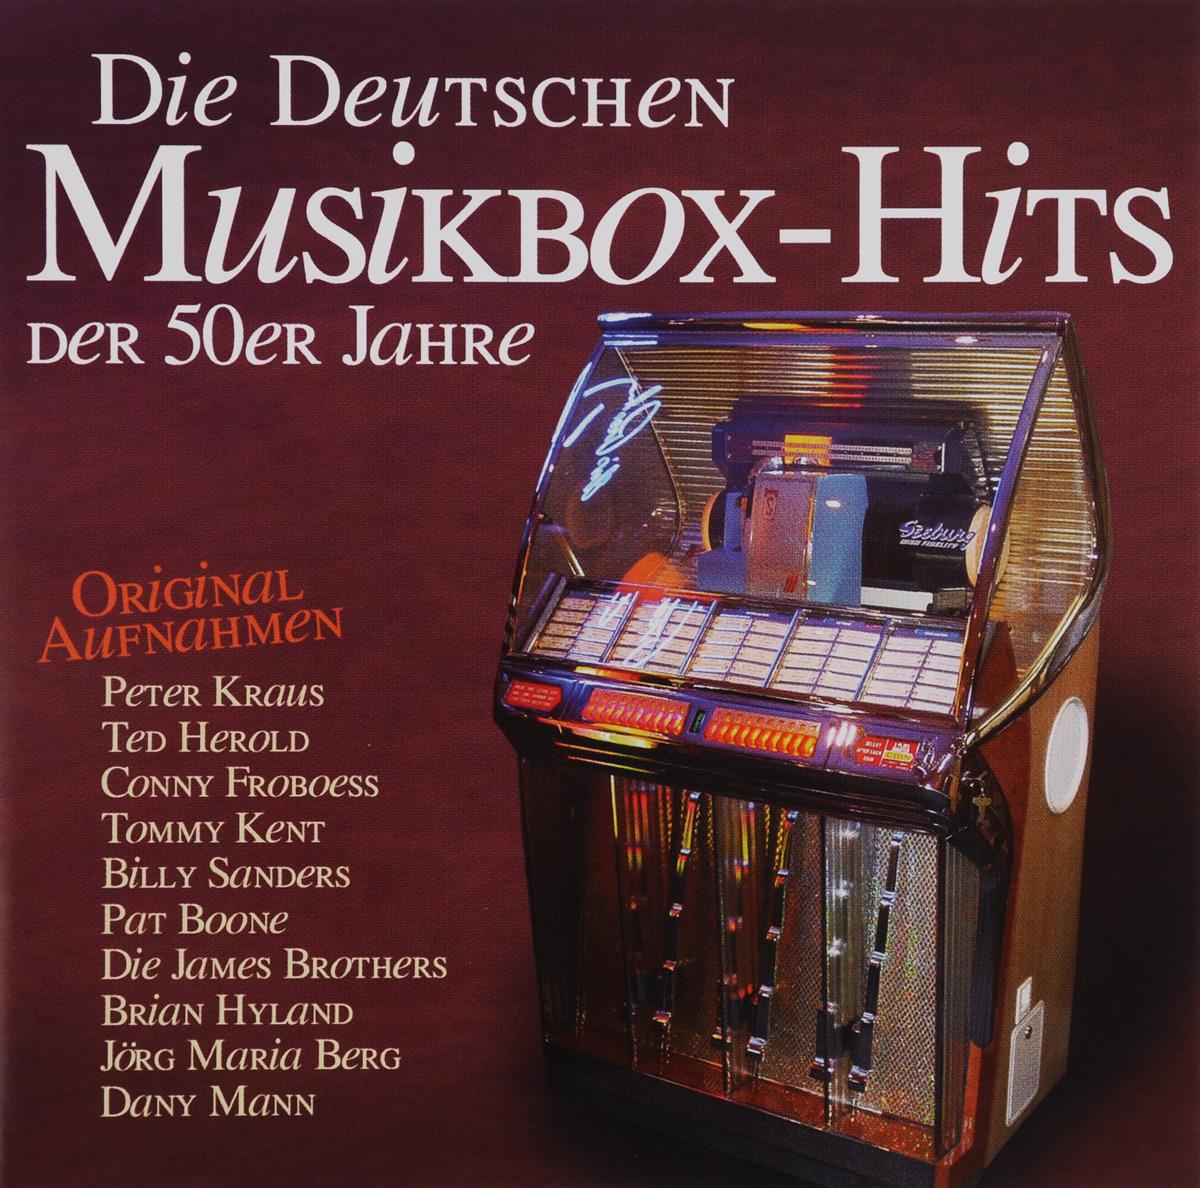 Die Deutschen Musikbox-Hits Der 50er Jahre (2 CD)